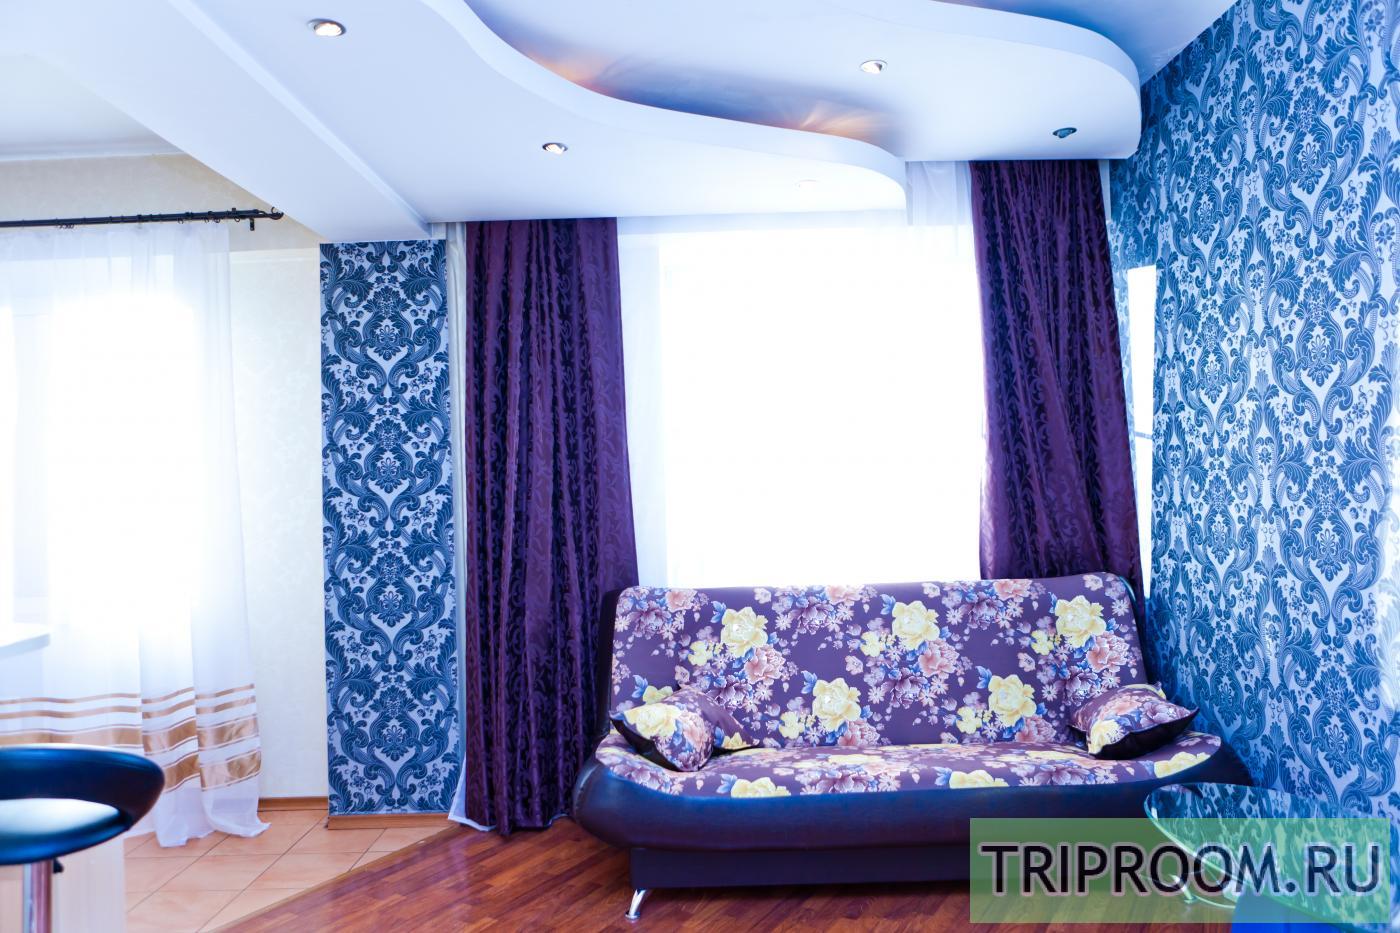 1-комнатная квартира посуточно (вариант № 8924), ул. Байкальская улица, фото № 3